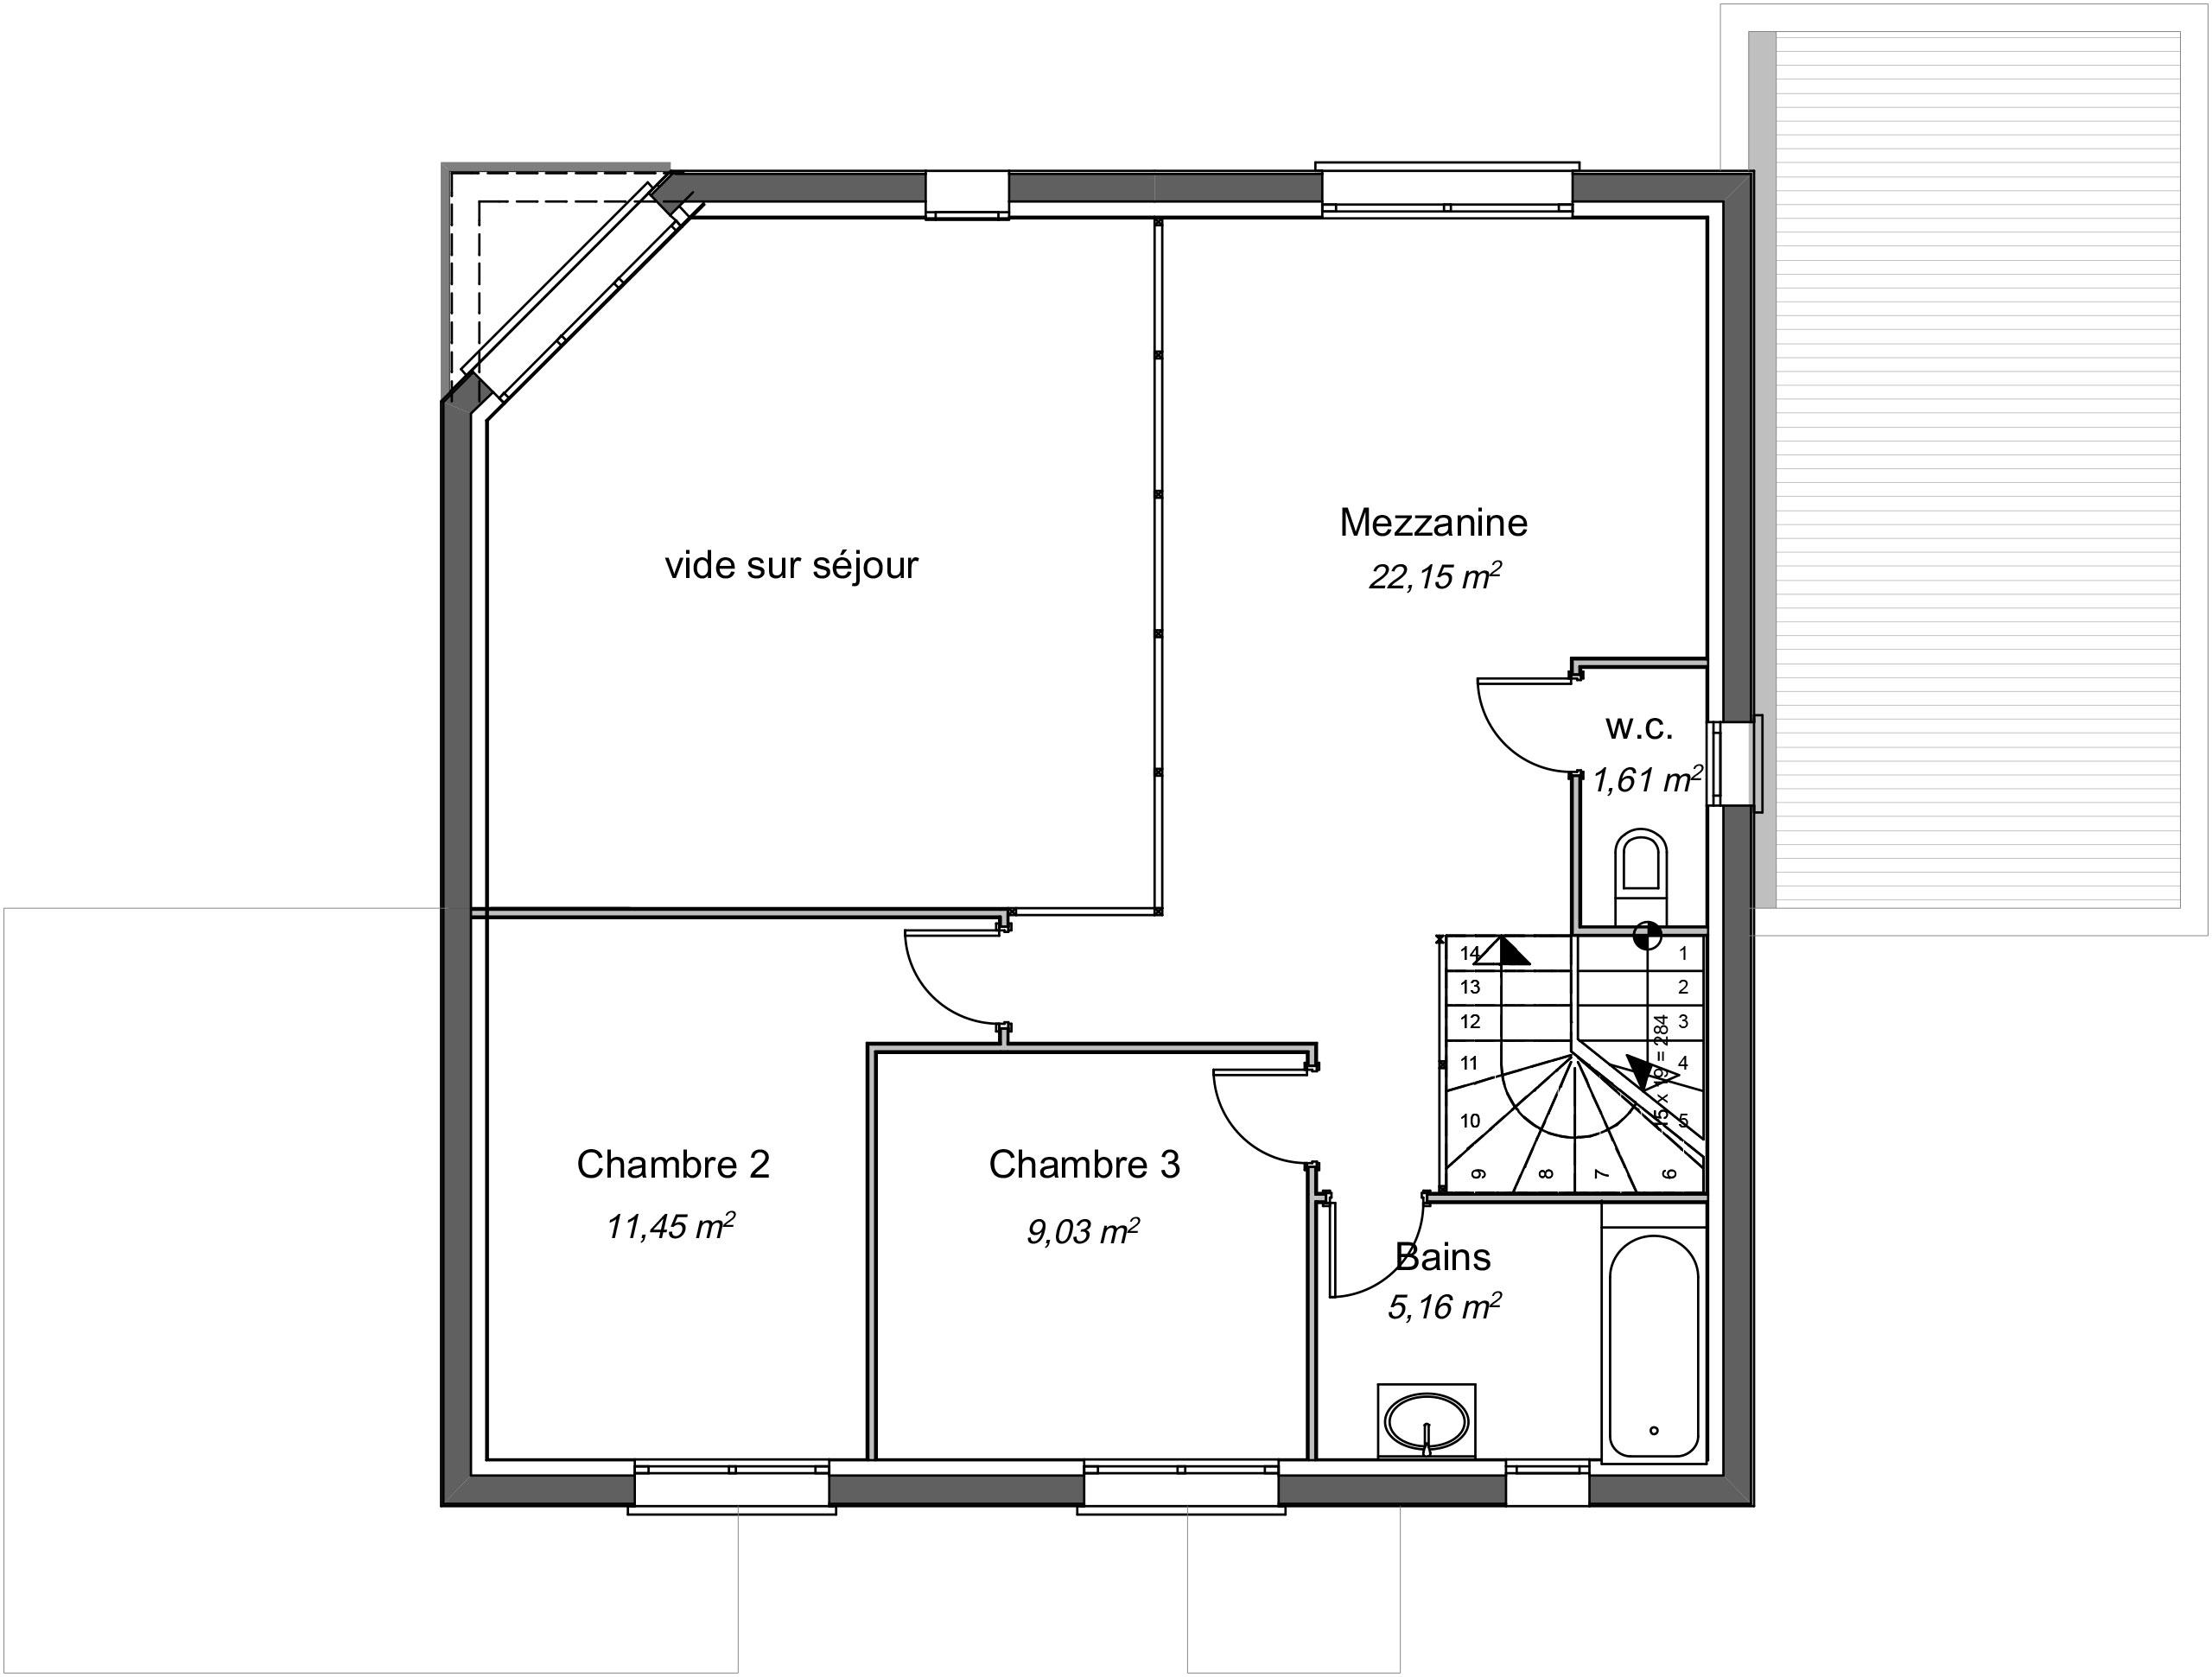 Maison contemporaine Étage Baobab avec plans - Demeures d'Aquitaine Constructeur maison ...